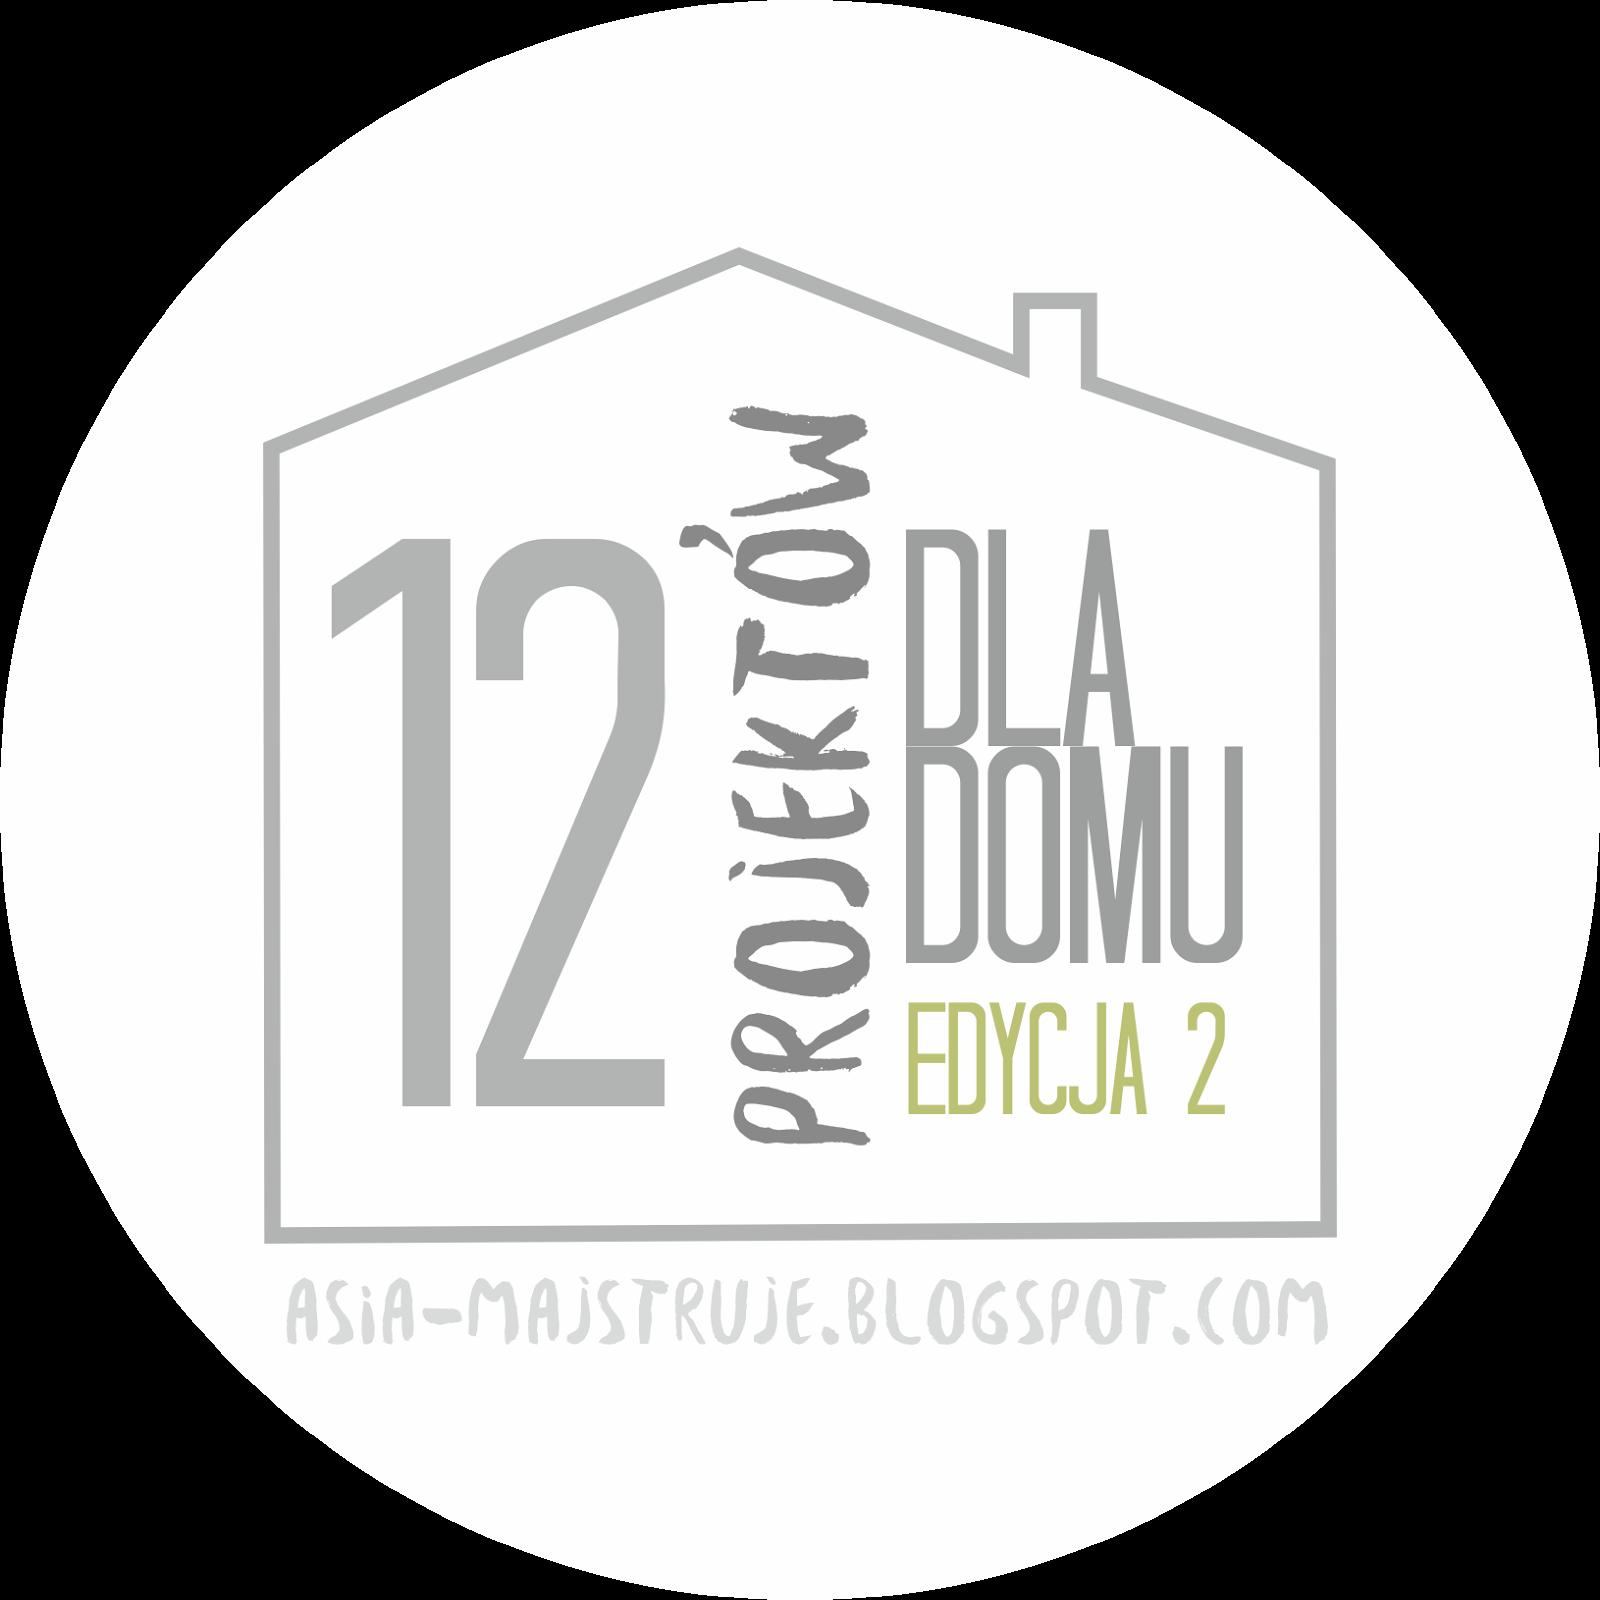 12 projektów dla domu